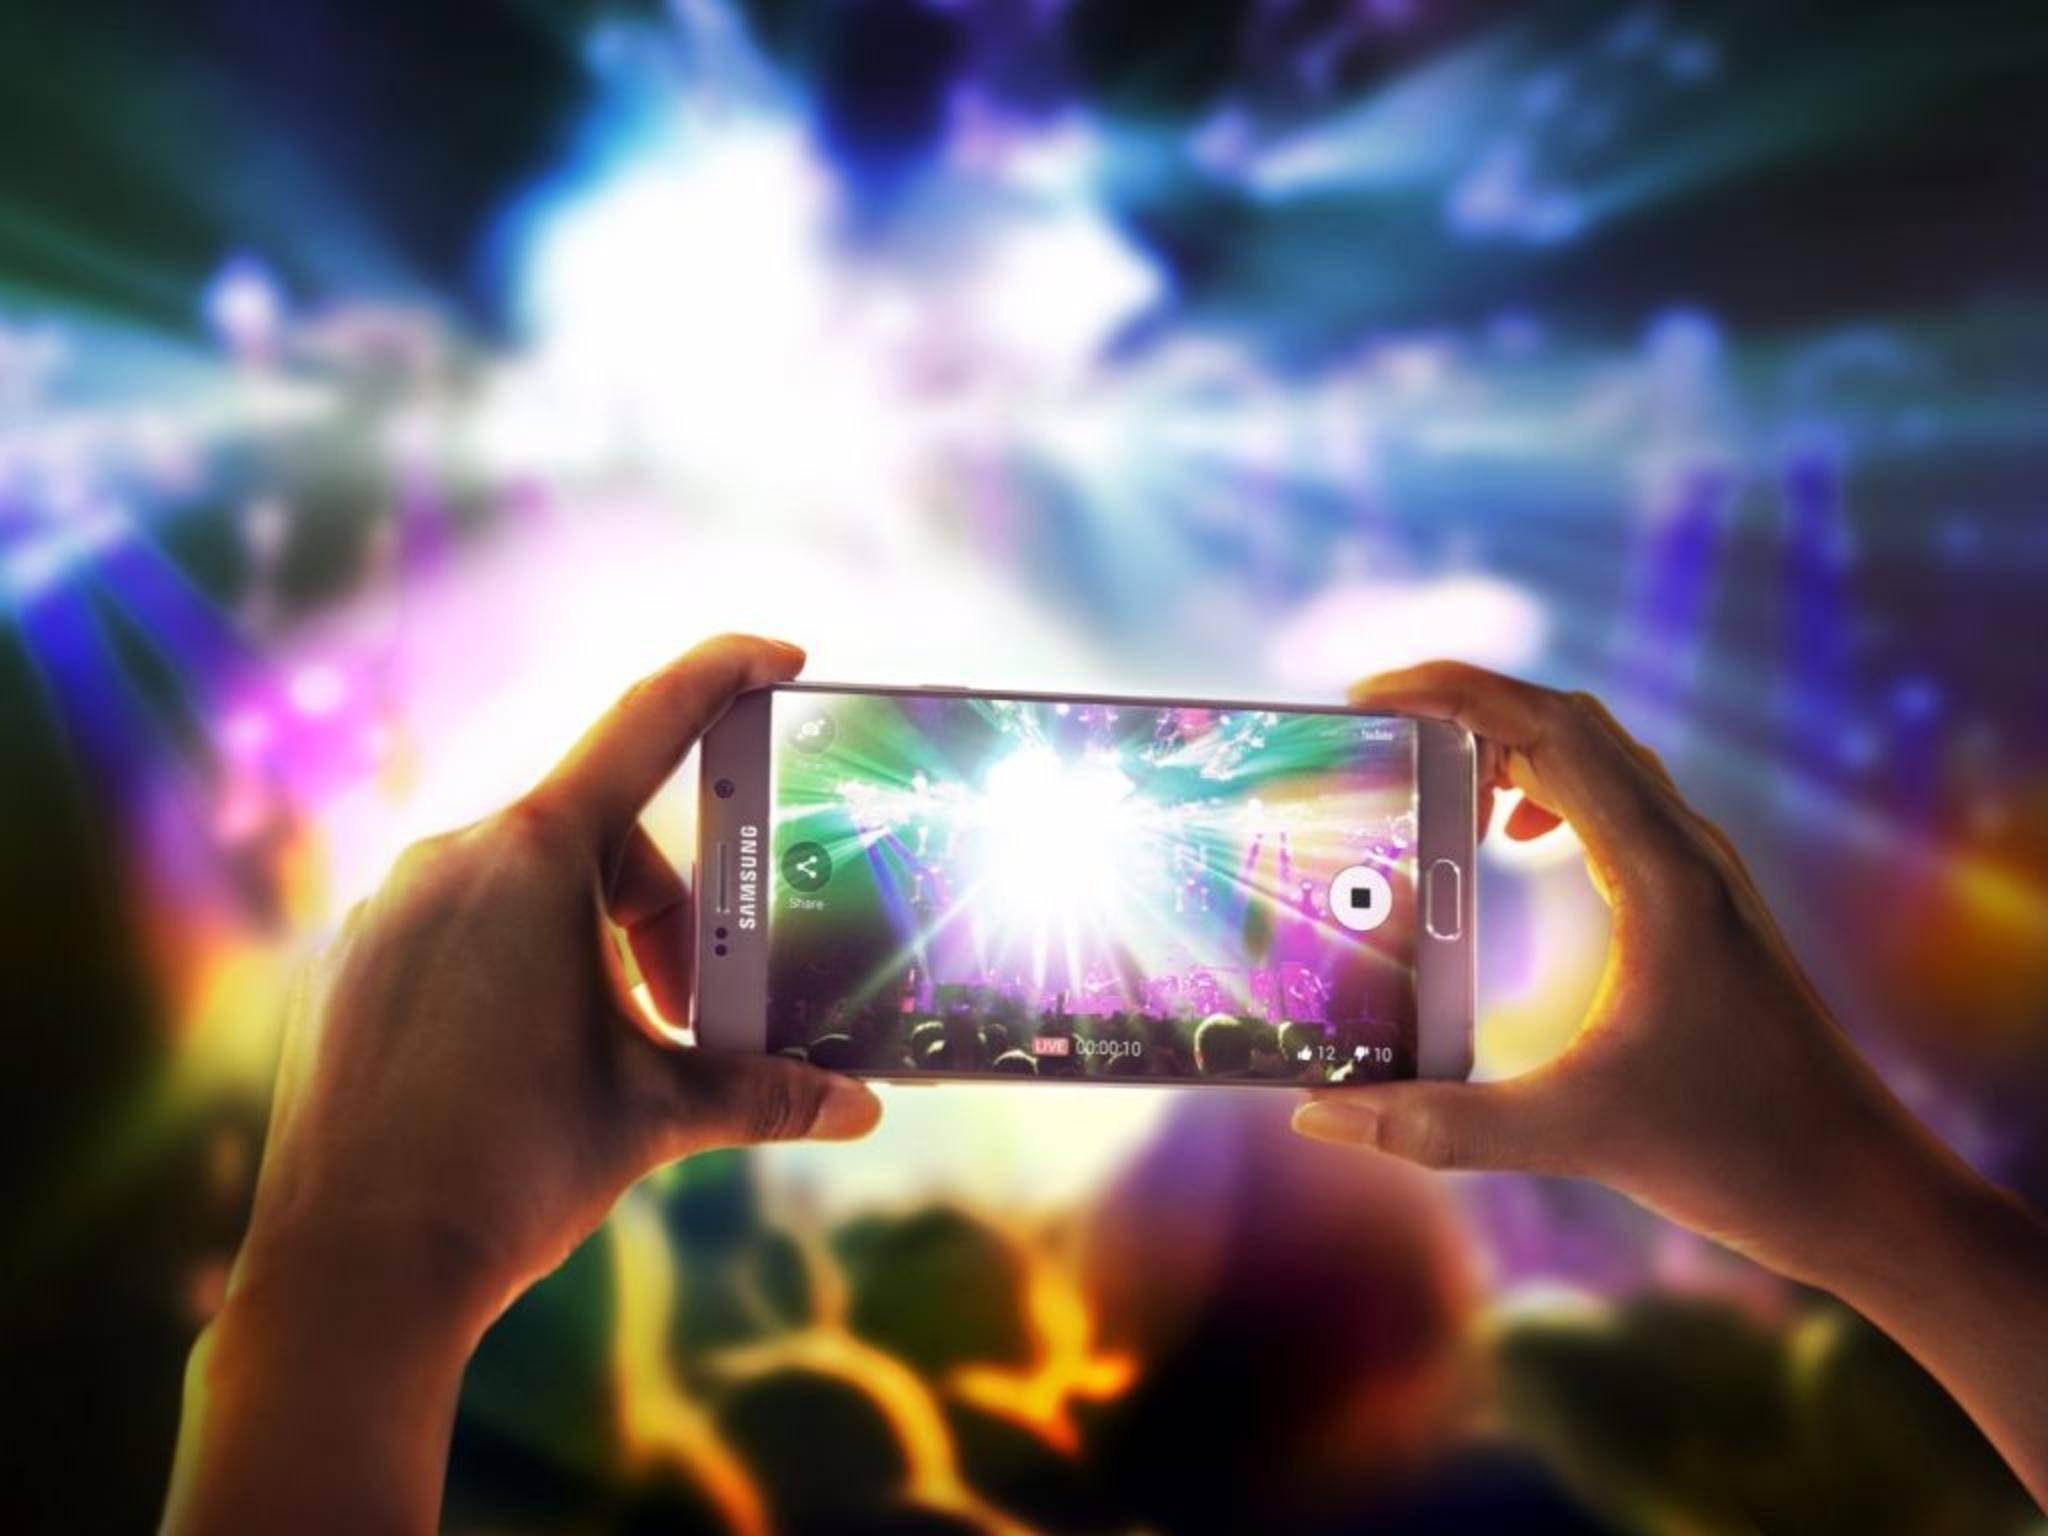 Samsung Galaxy Note 5: Die Hinweise auf einen Europa-Release verdichten sich.